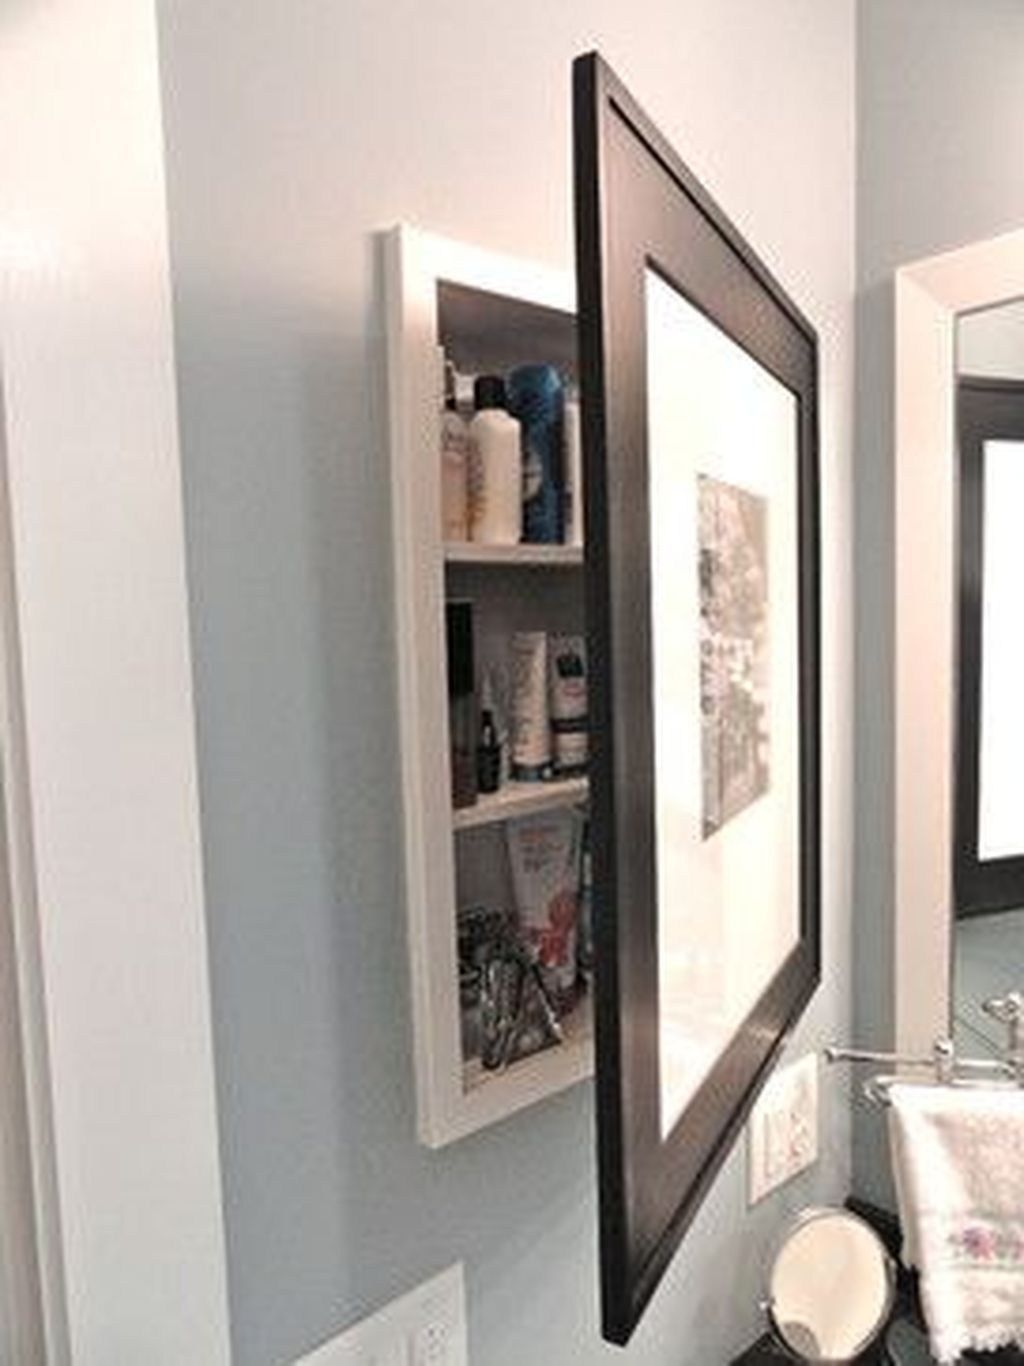 Unique Hidden Storage Ideas For Bedroom Spaces 01 Bathrooms Remodel Contemporary Bathroom Bathroom Decor